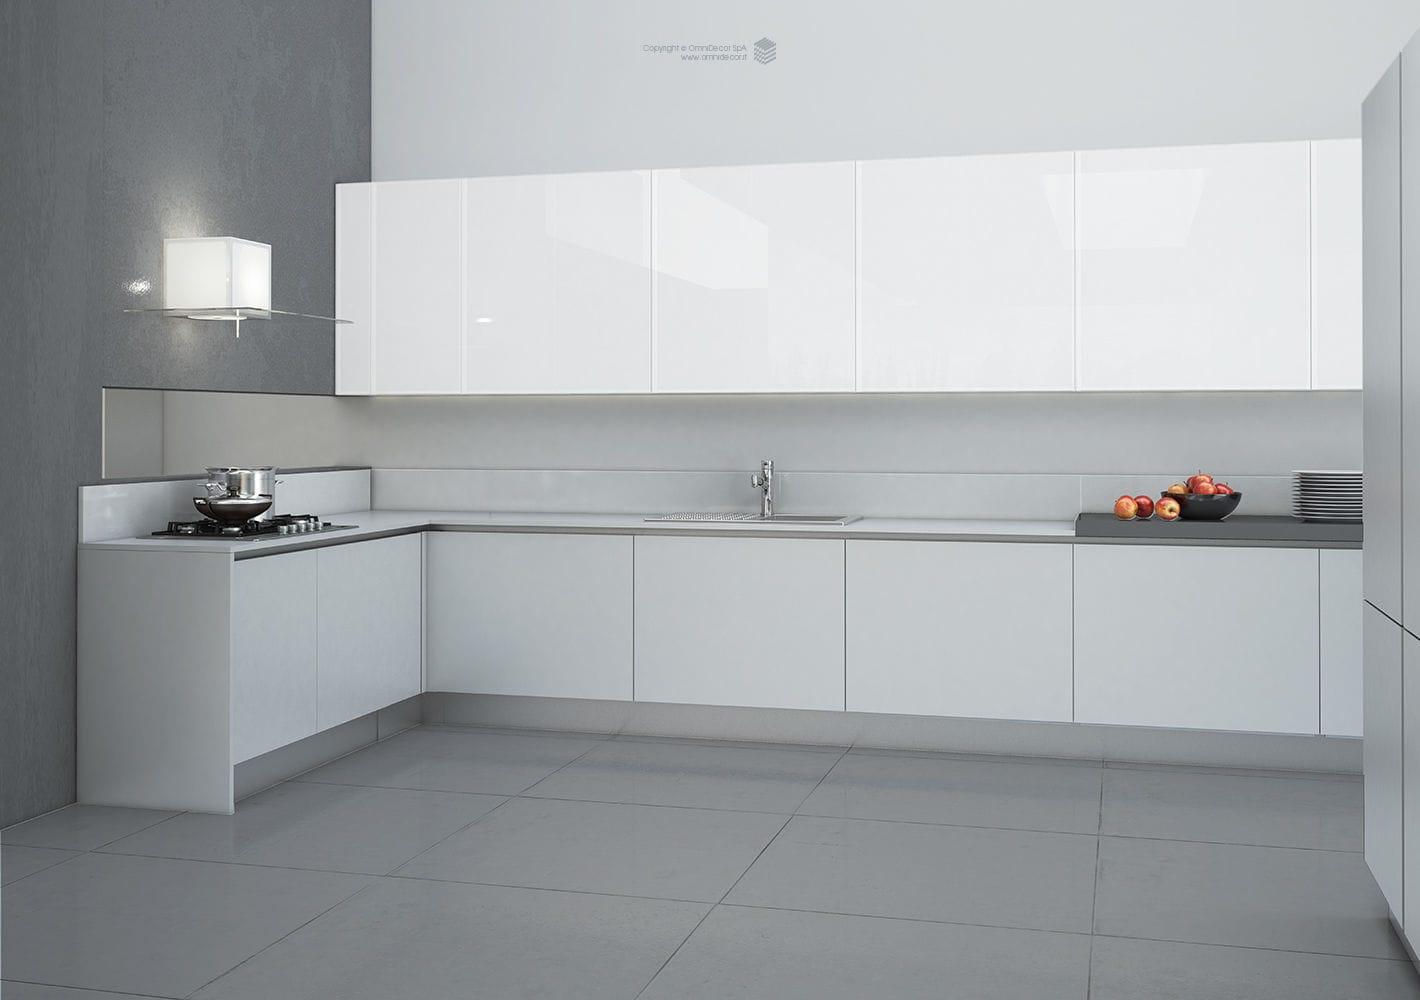 Pannelli Per Dietro Cucina pannello decorativo di rivestimento per cucina da parete